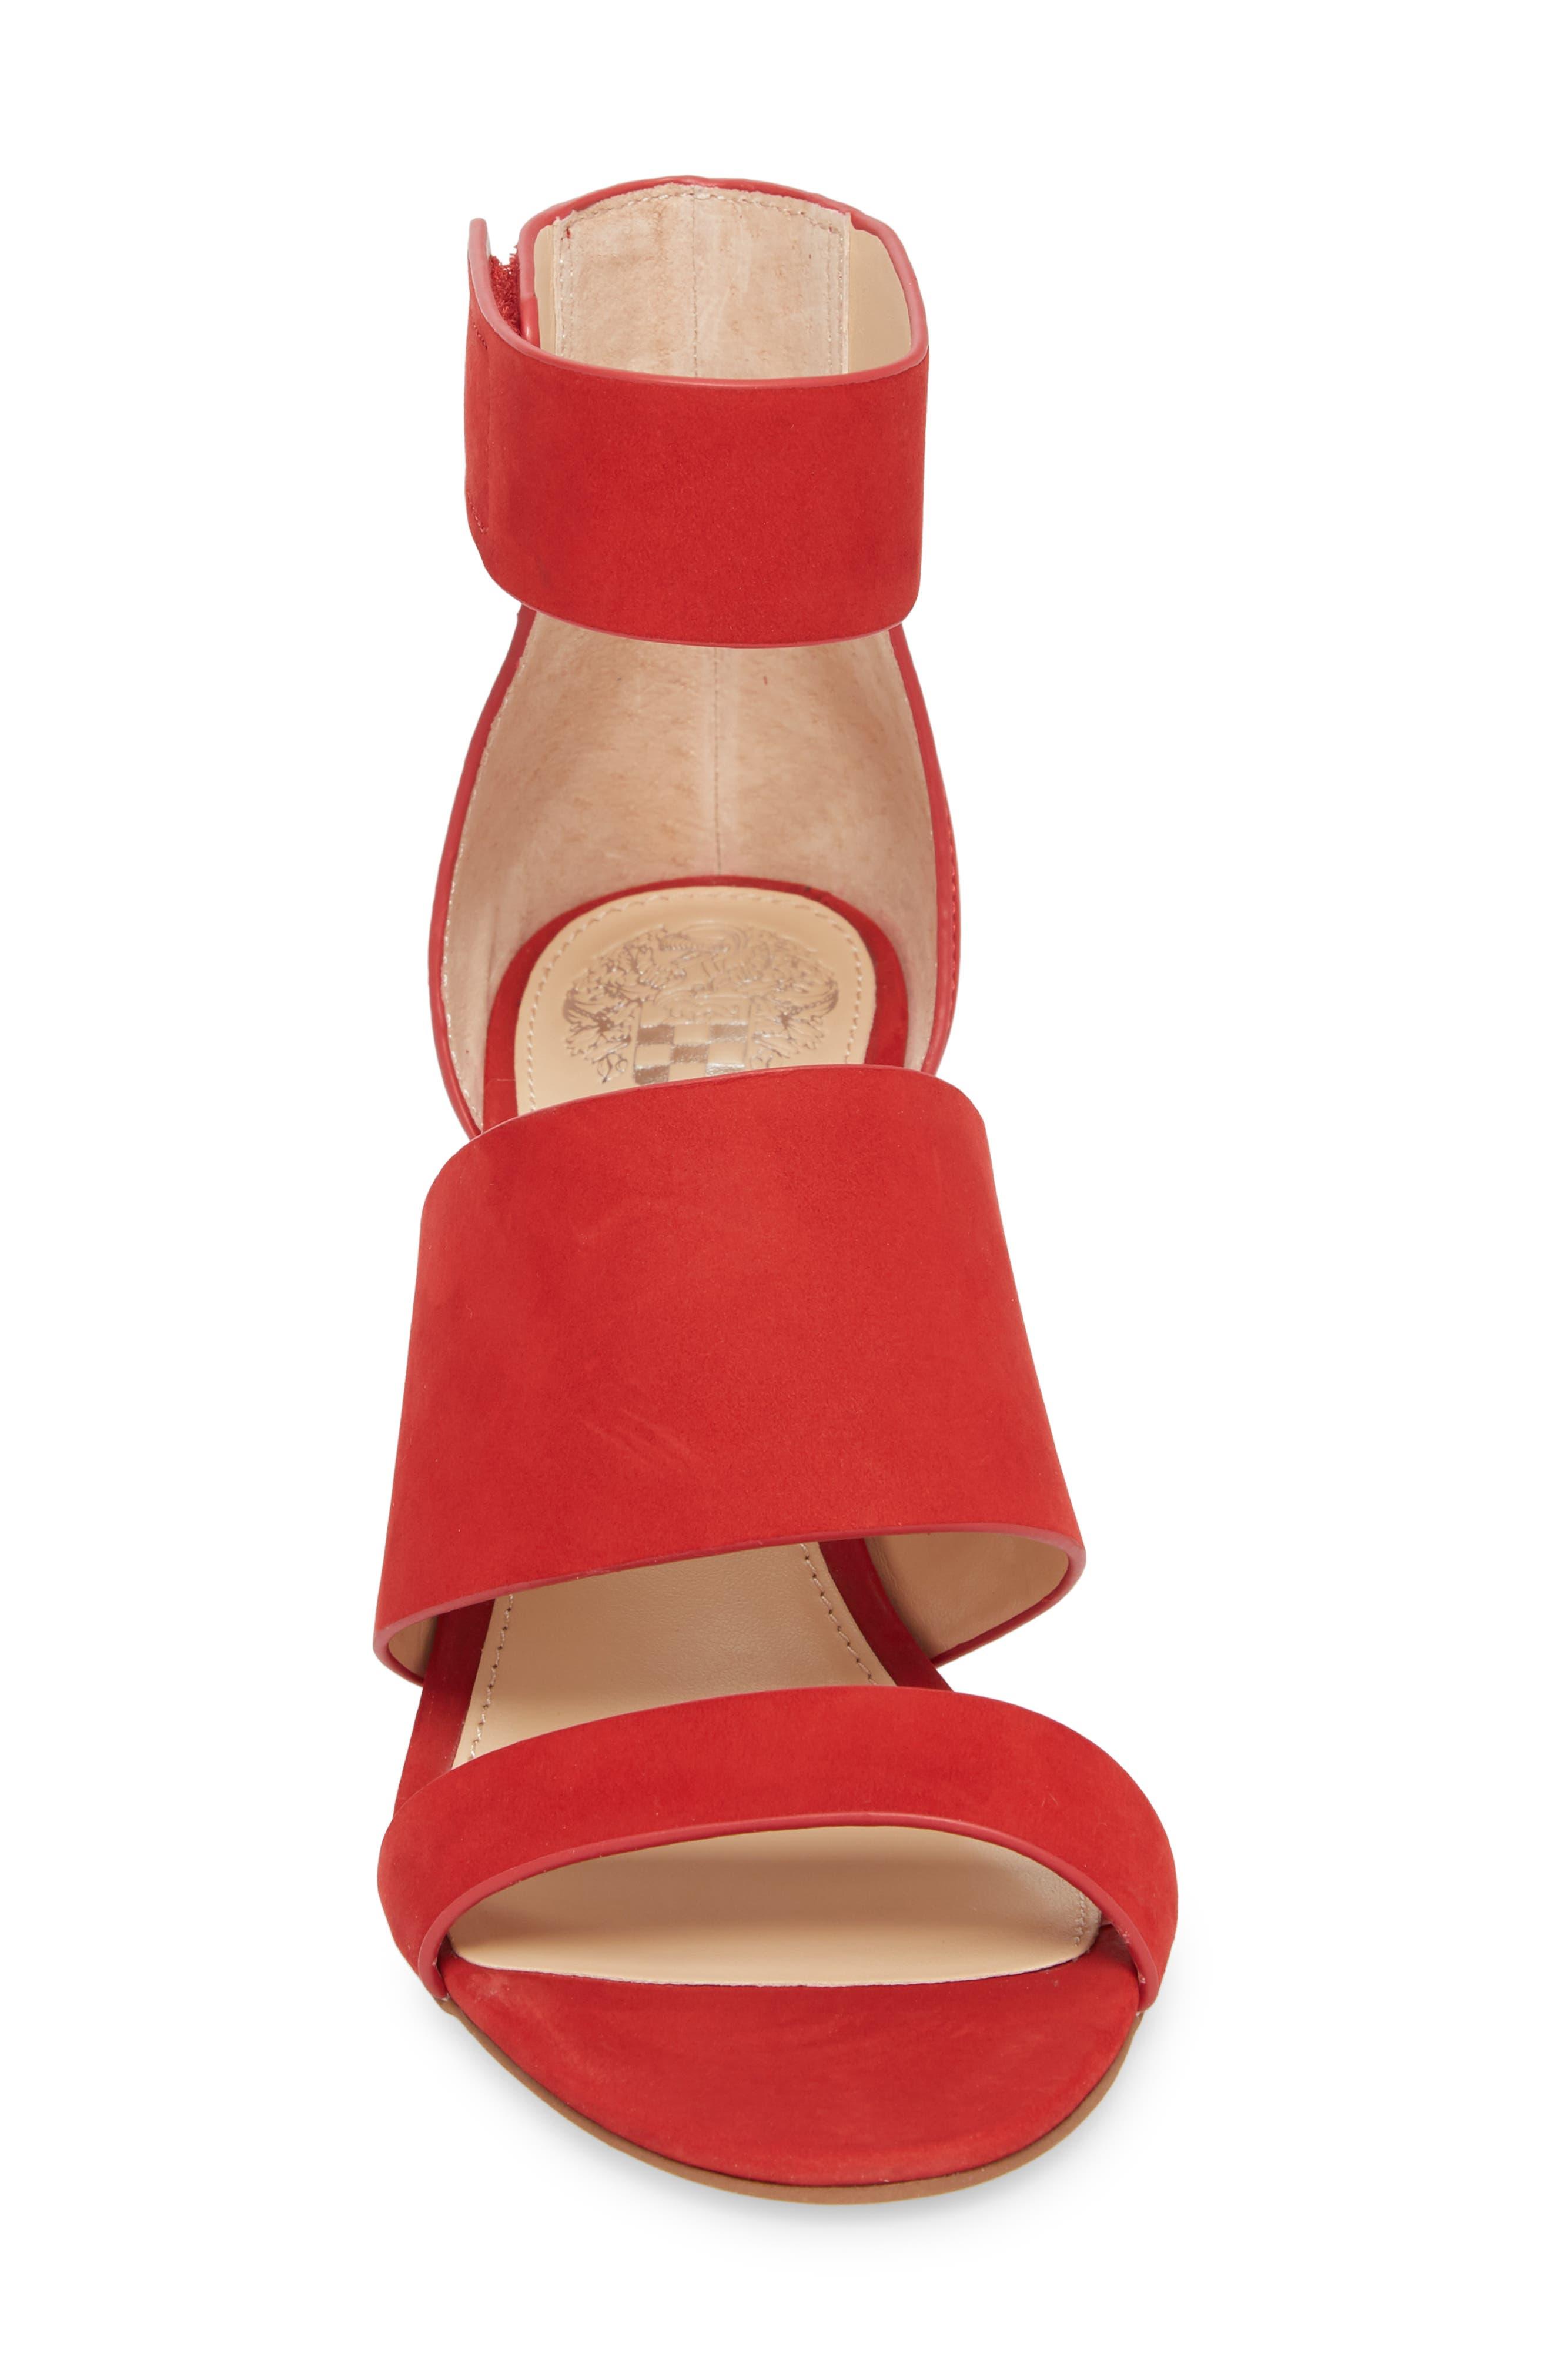 Junette Sandal,                             Alternate thumbnail 4, color,                             Cherry Red Leather